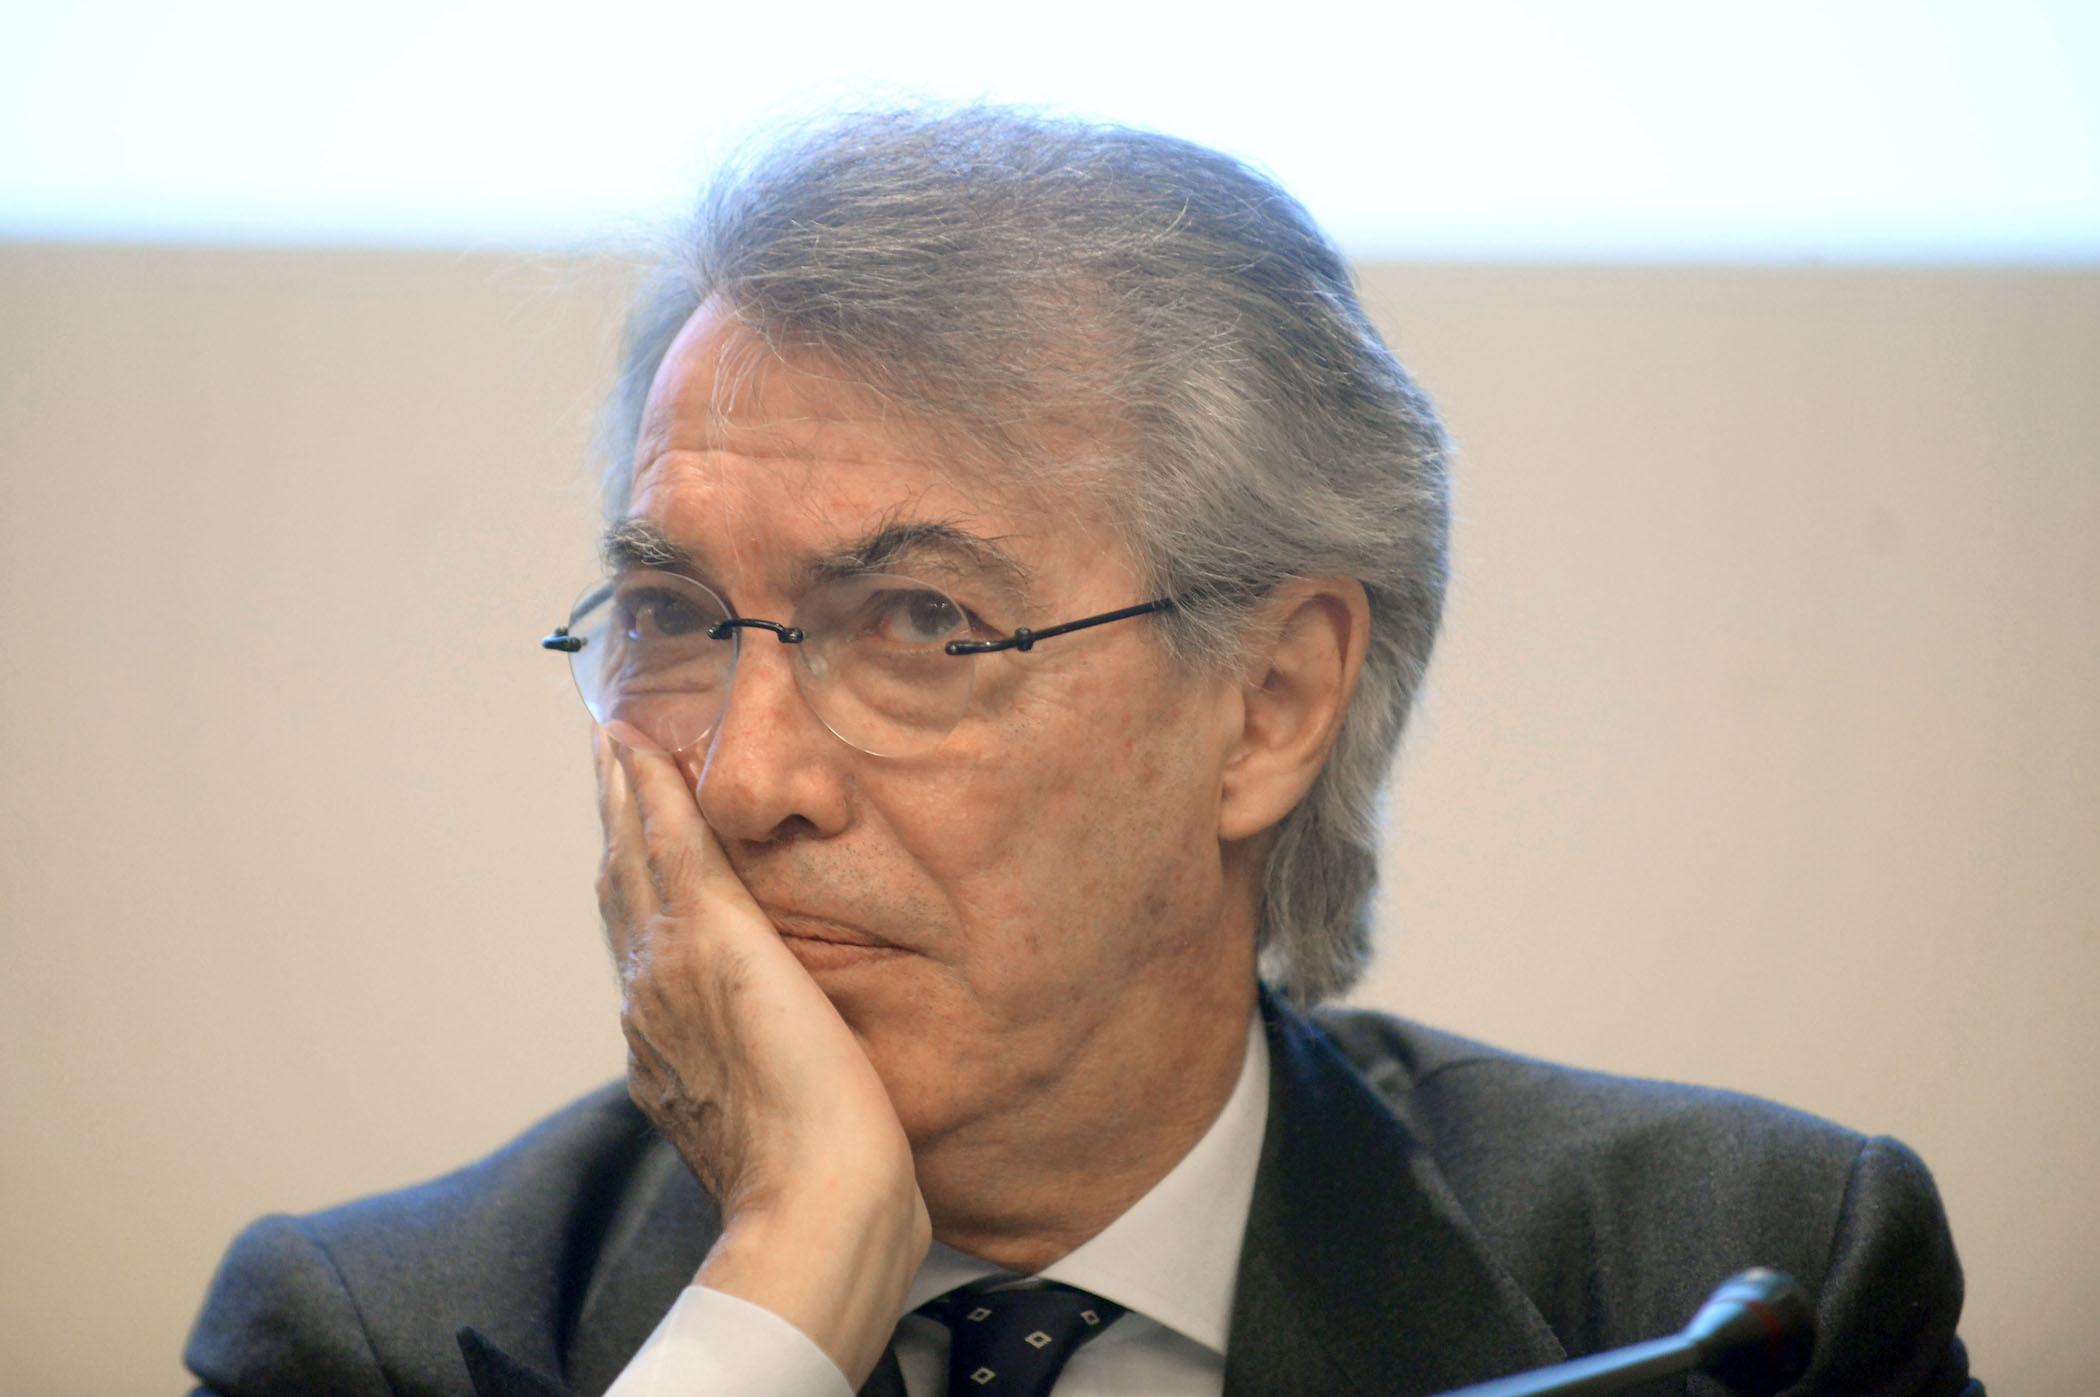 la-solidarieta-di-massimo-moratti:-dona-il-suo-stipendio-di-1,5-milioni-di-euro-ai-dipendenti-di-saras